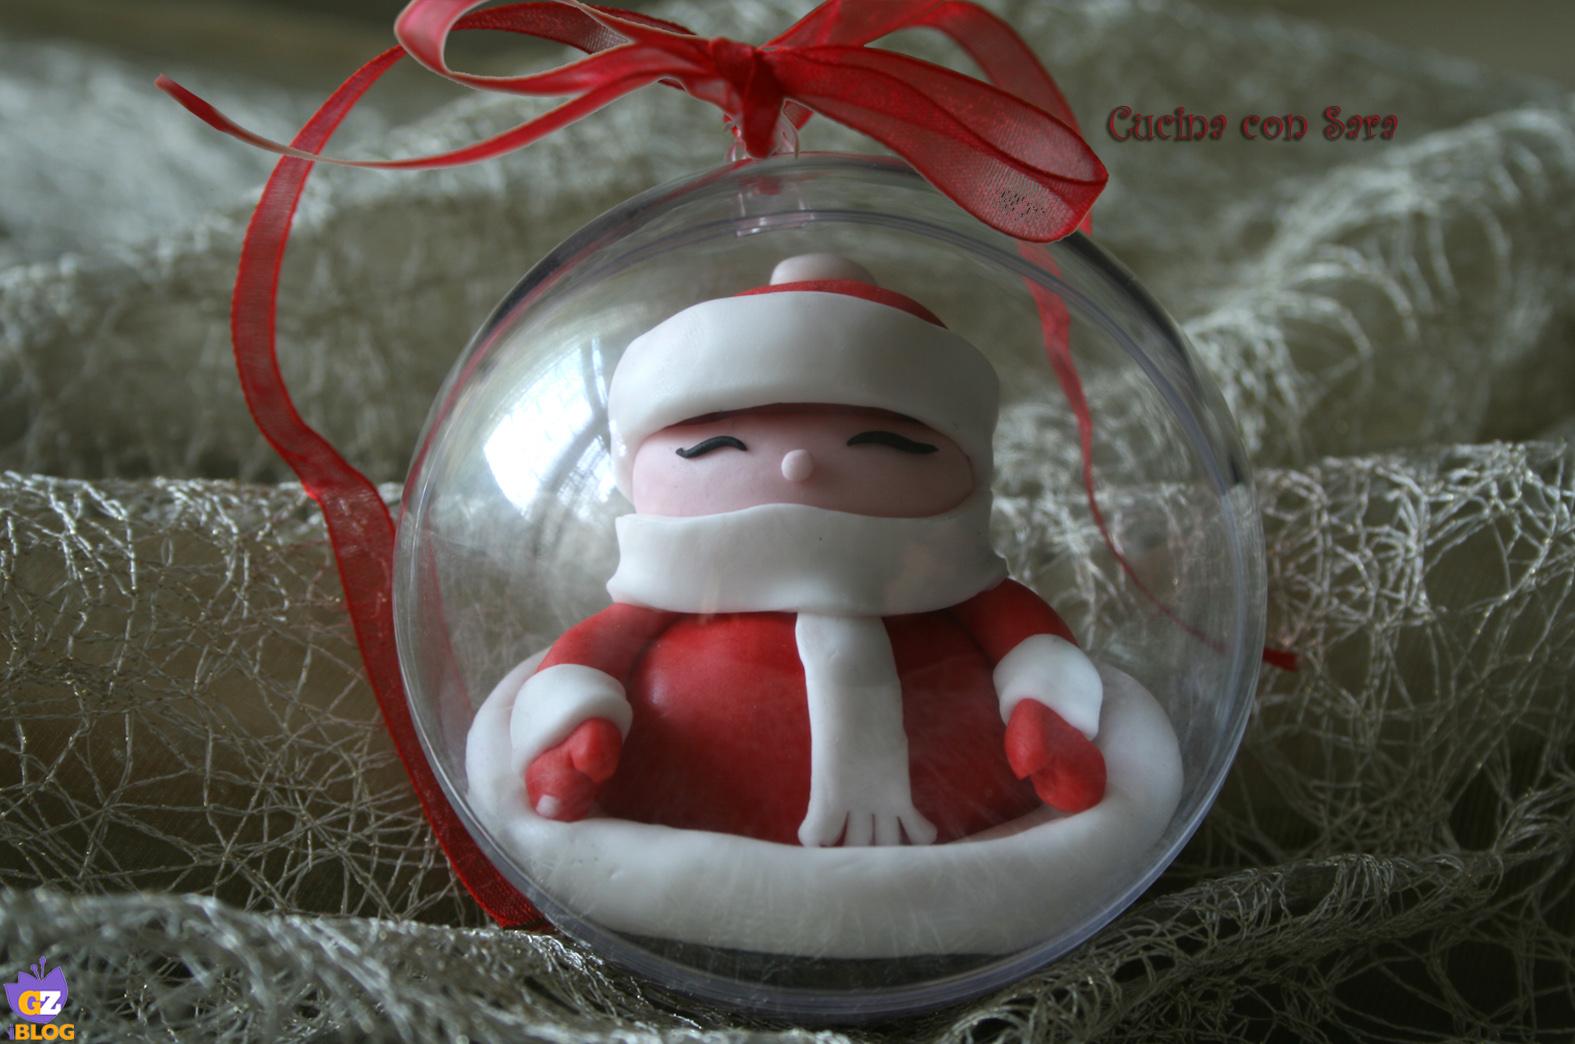 Foto Dentro Palline Di Natale.Palle Di Natale Decorate Con Tutorial Cucina Con Sara